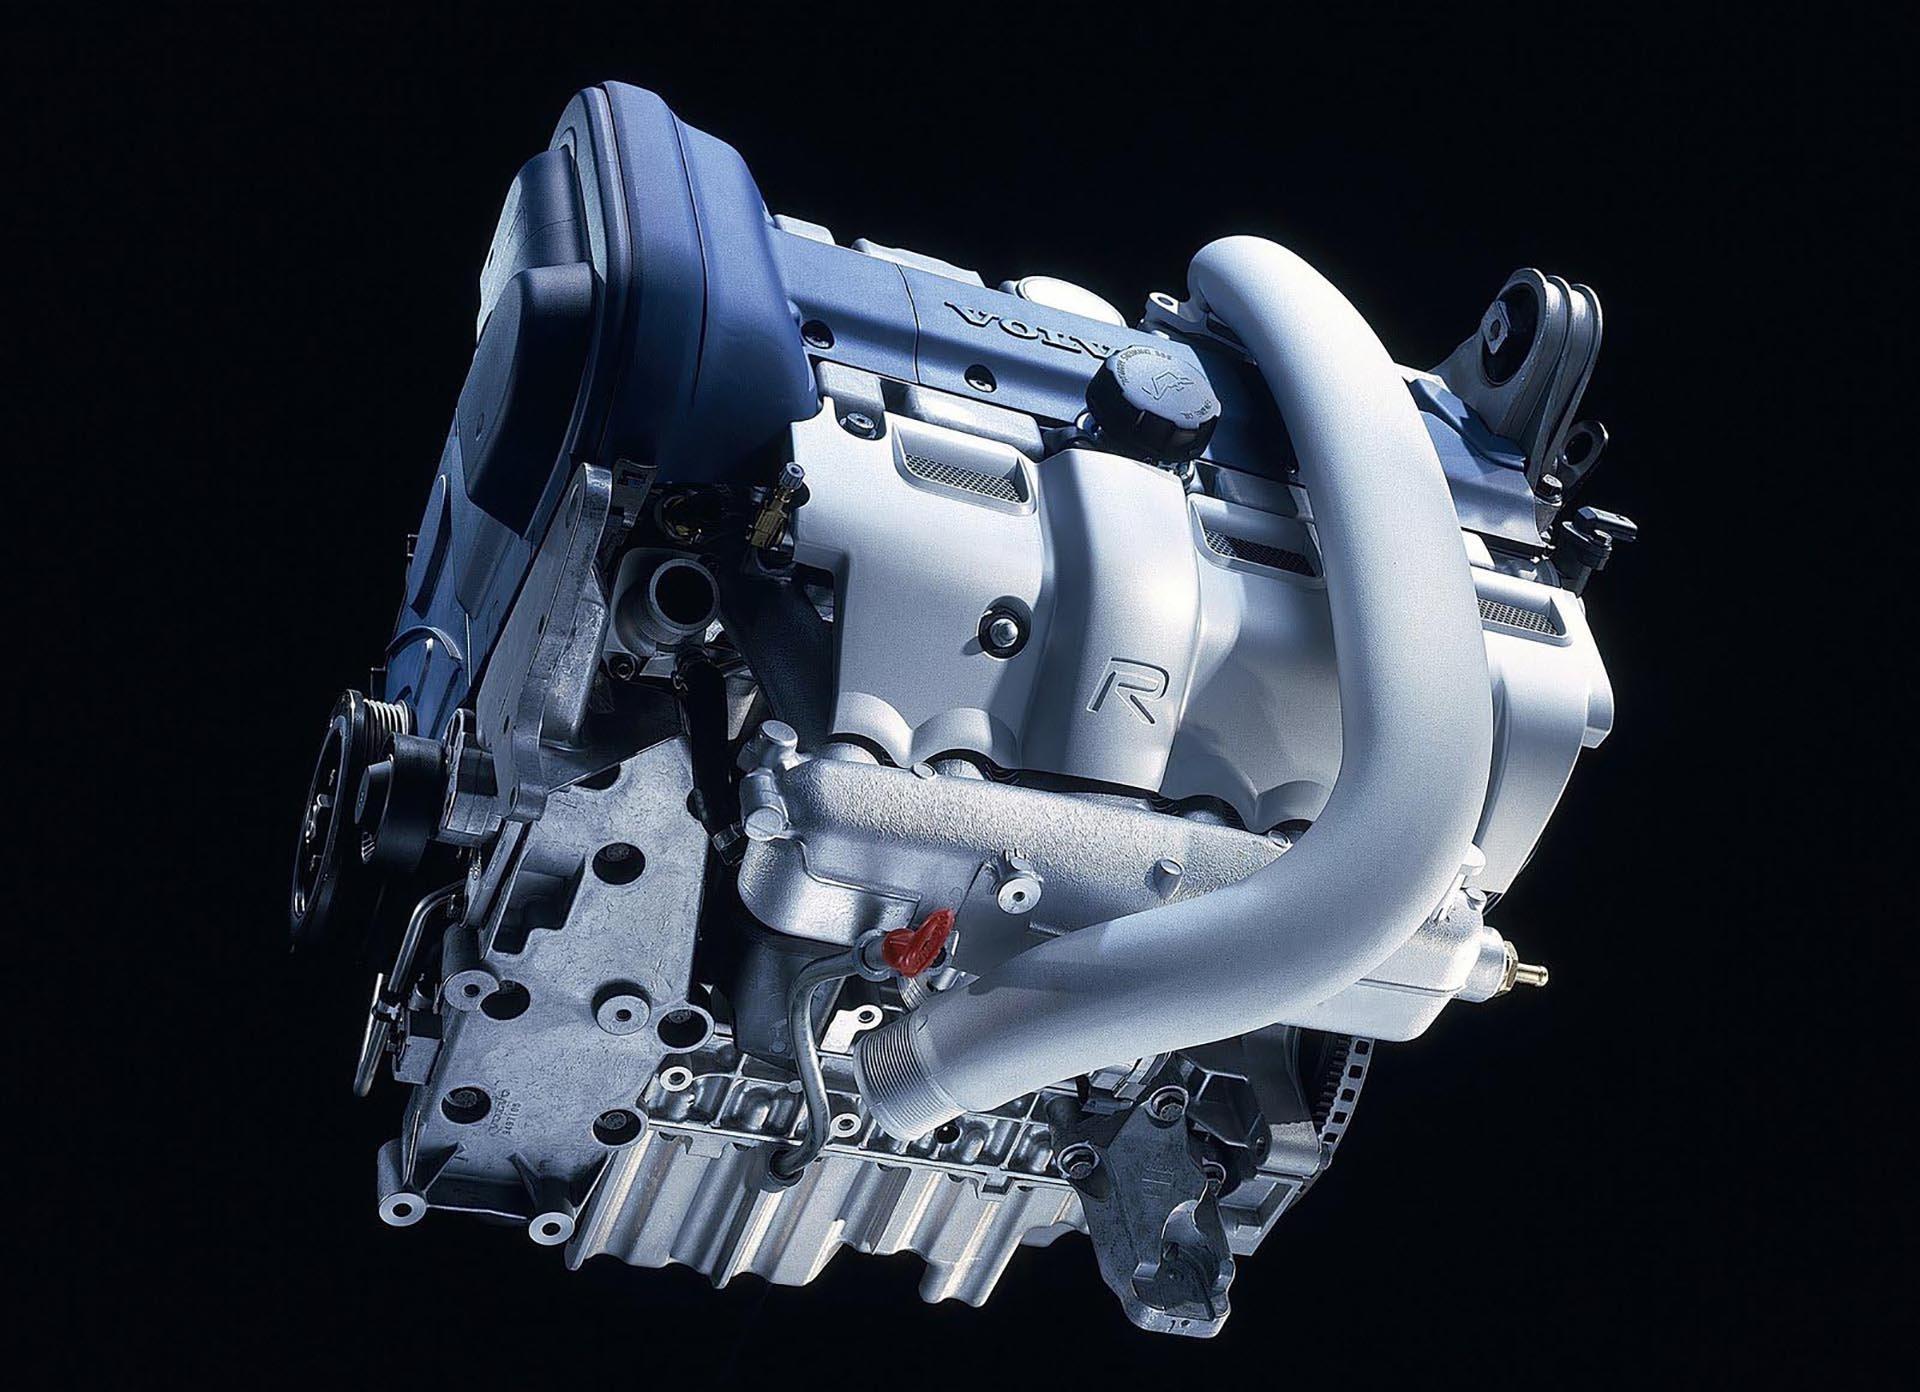 06_Volvo S60 R Whiteblock engine